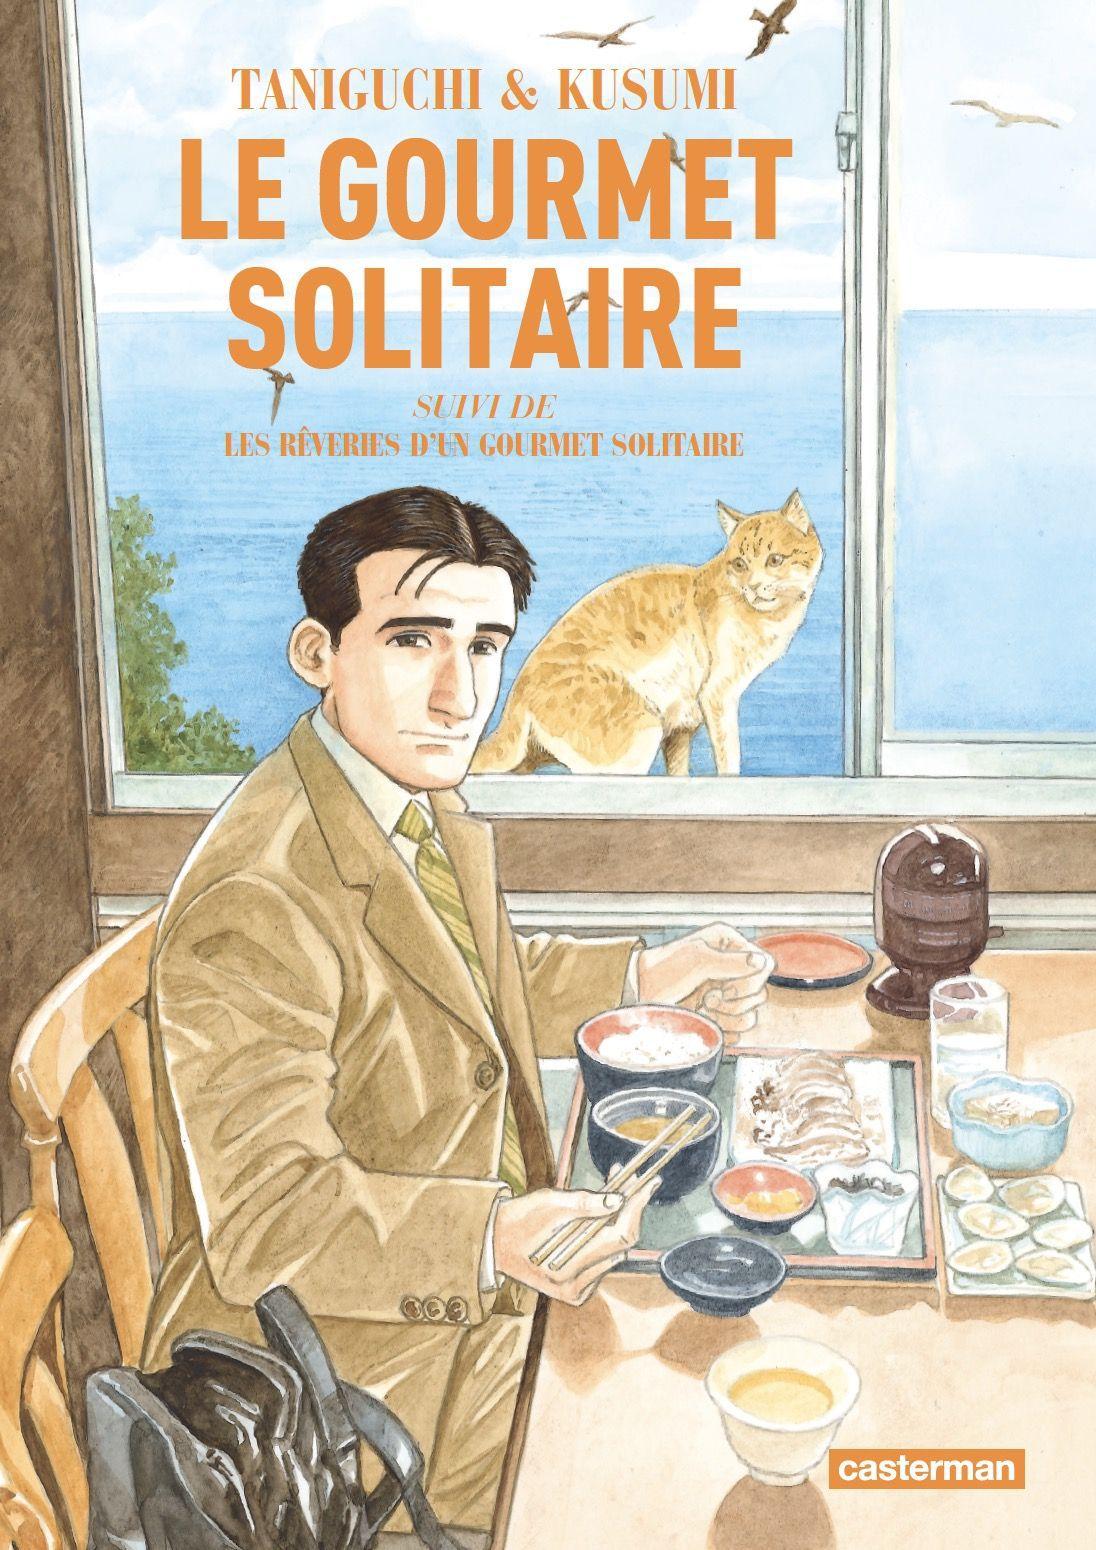 Le Gourmet Solitaire 1 - Le gourmet solitaire : Suivi de Les rêveries d'un gourmet solitaire